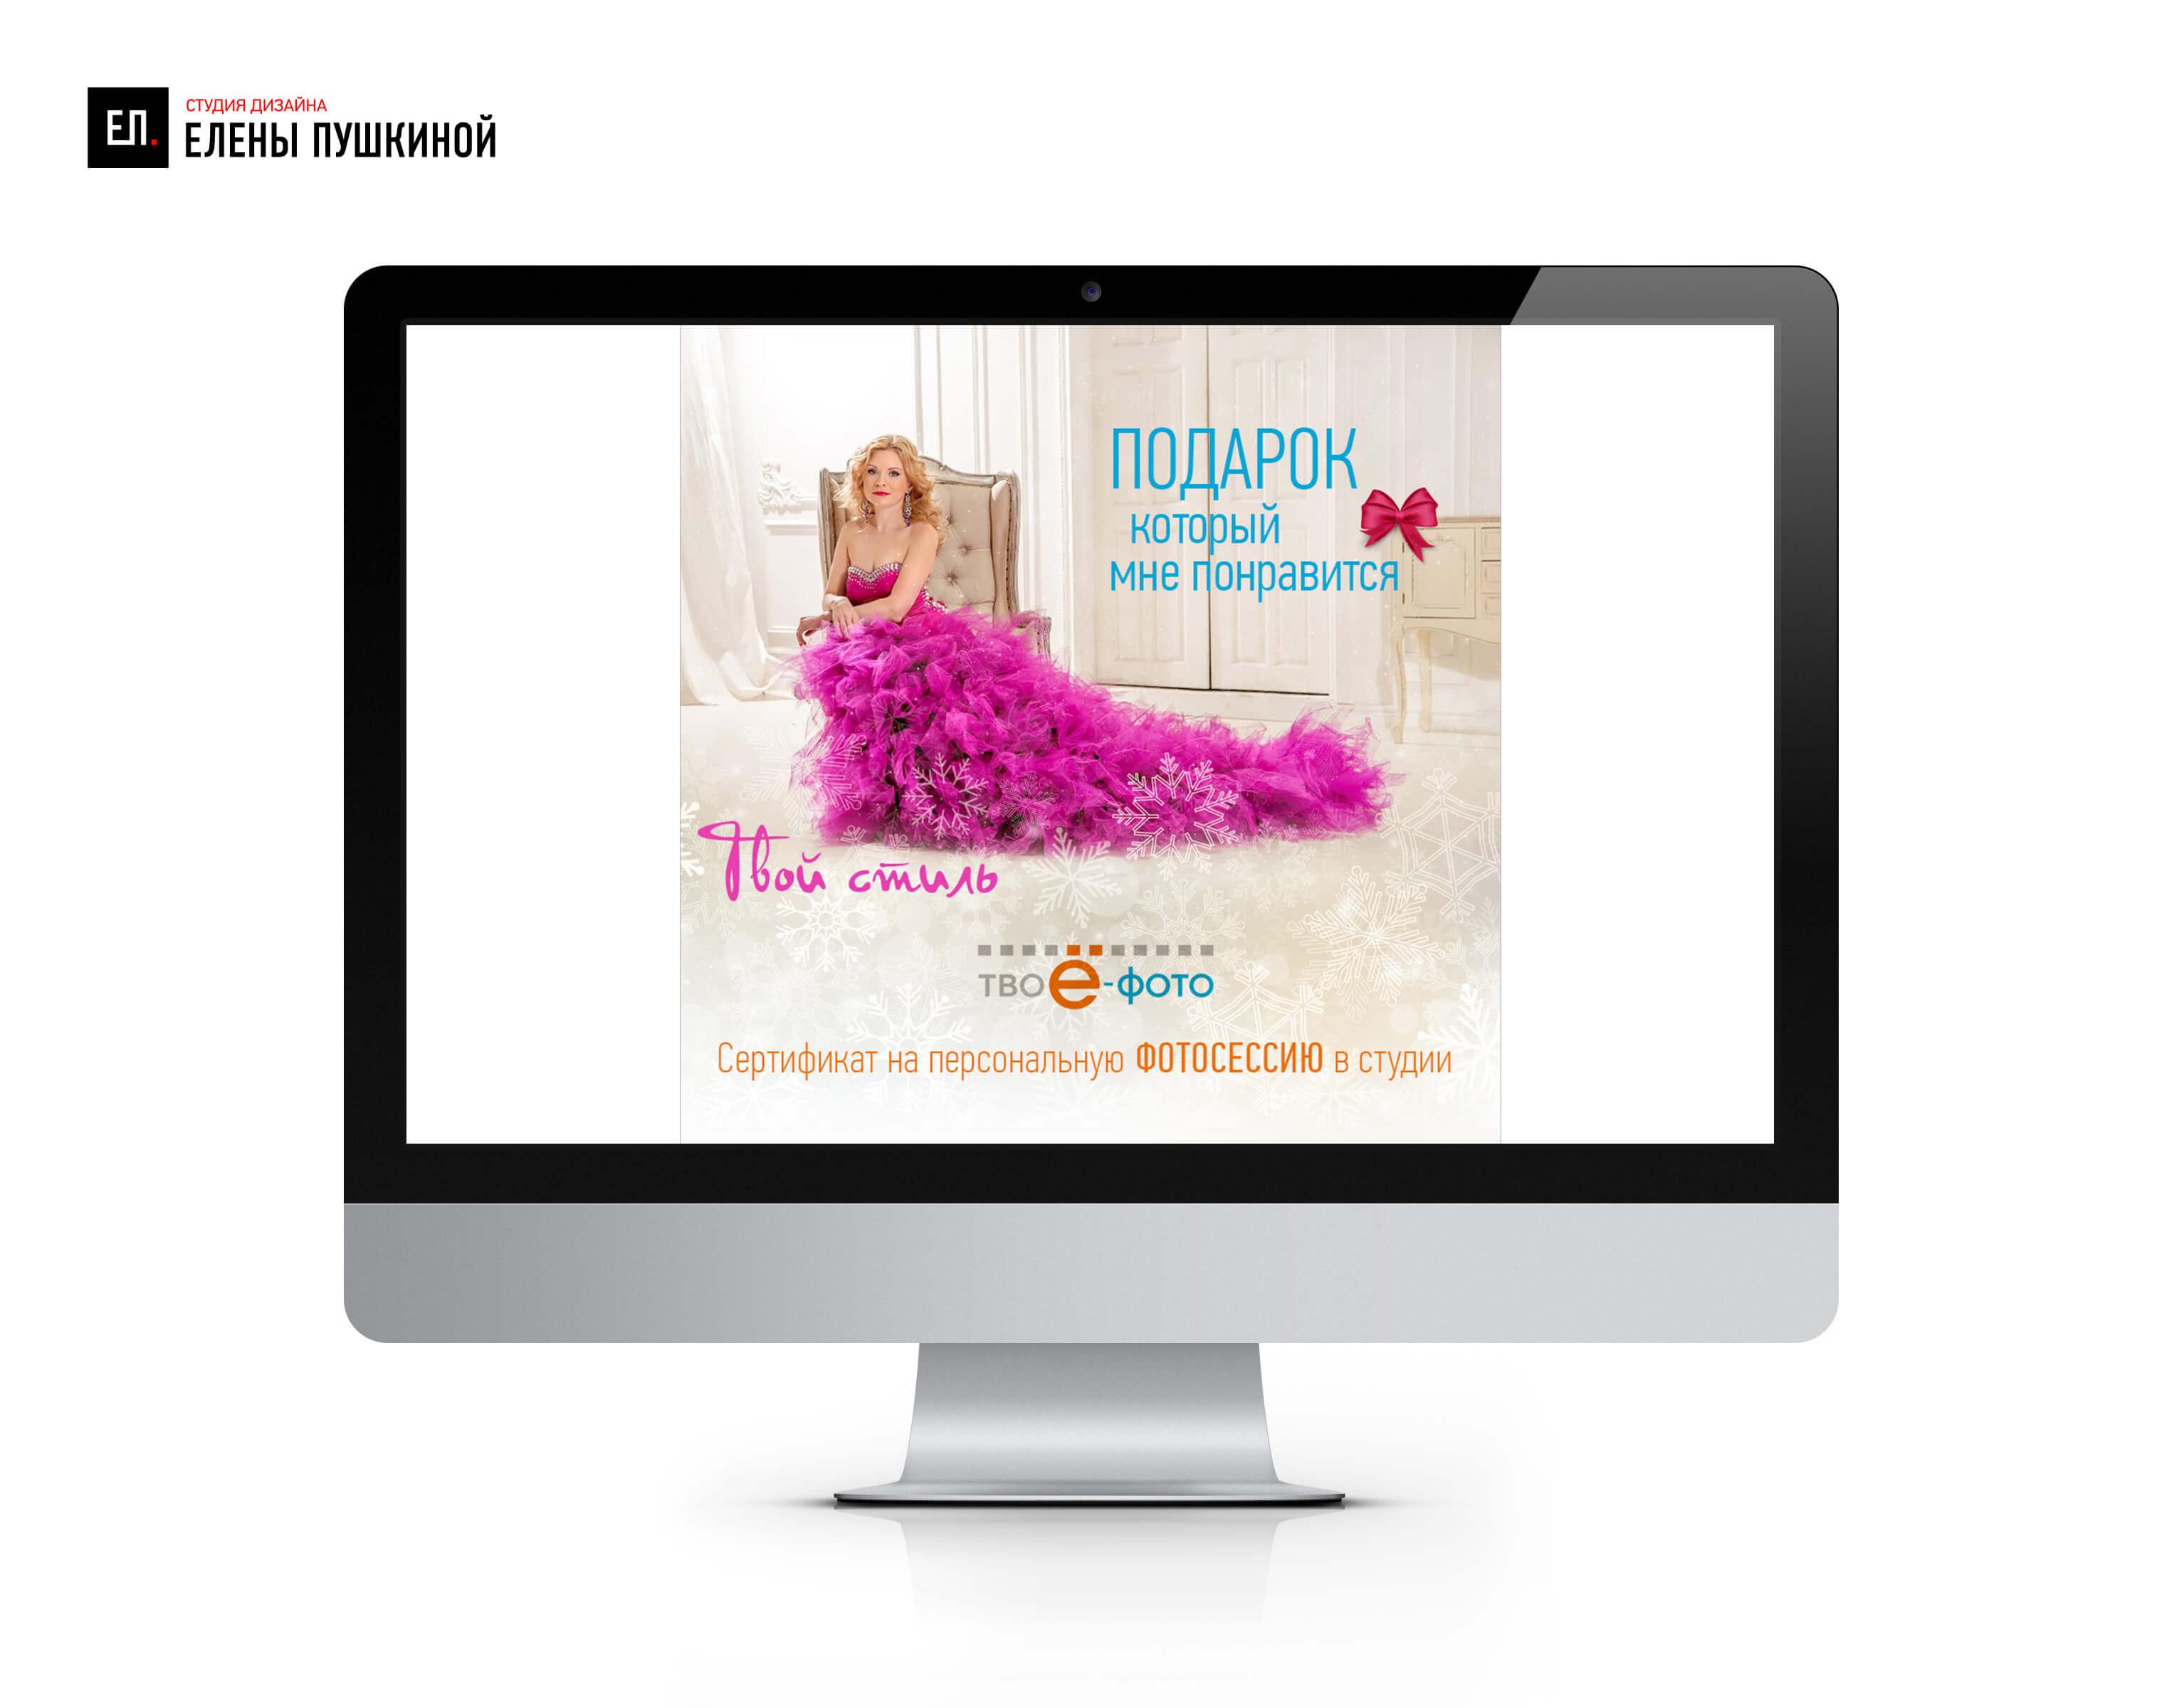 Веб-баннер №4 для сети профессиональных фотостудий «Ё-Фото» — разработка дизайна баннера Баннеры для сайта Портфолио